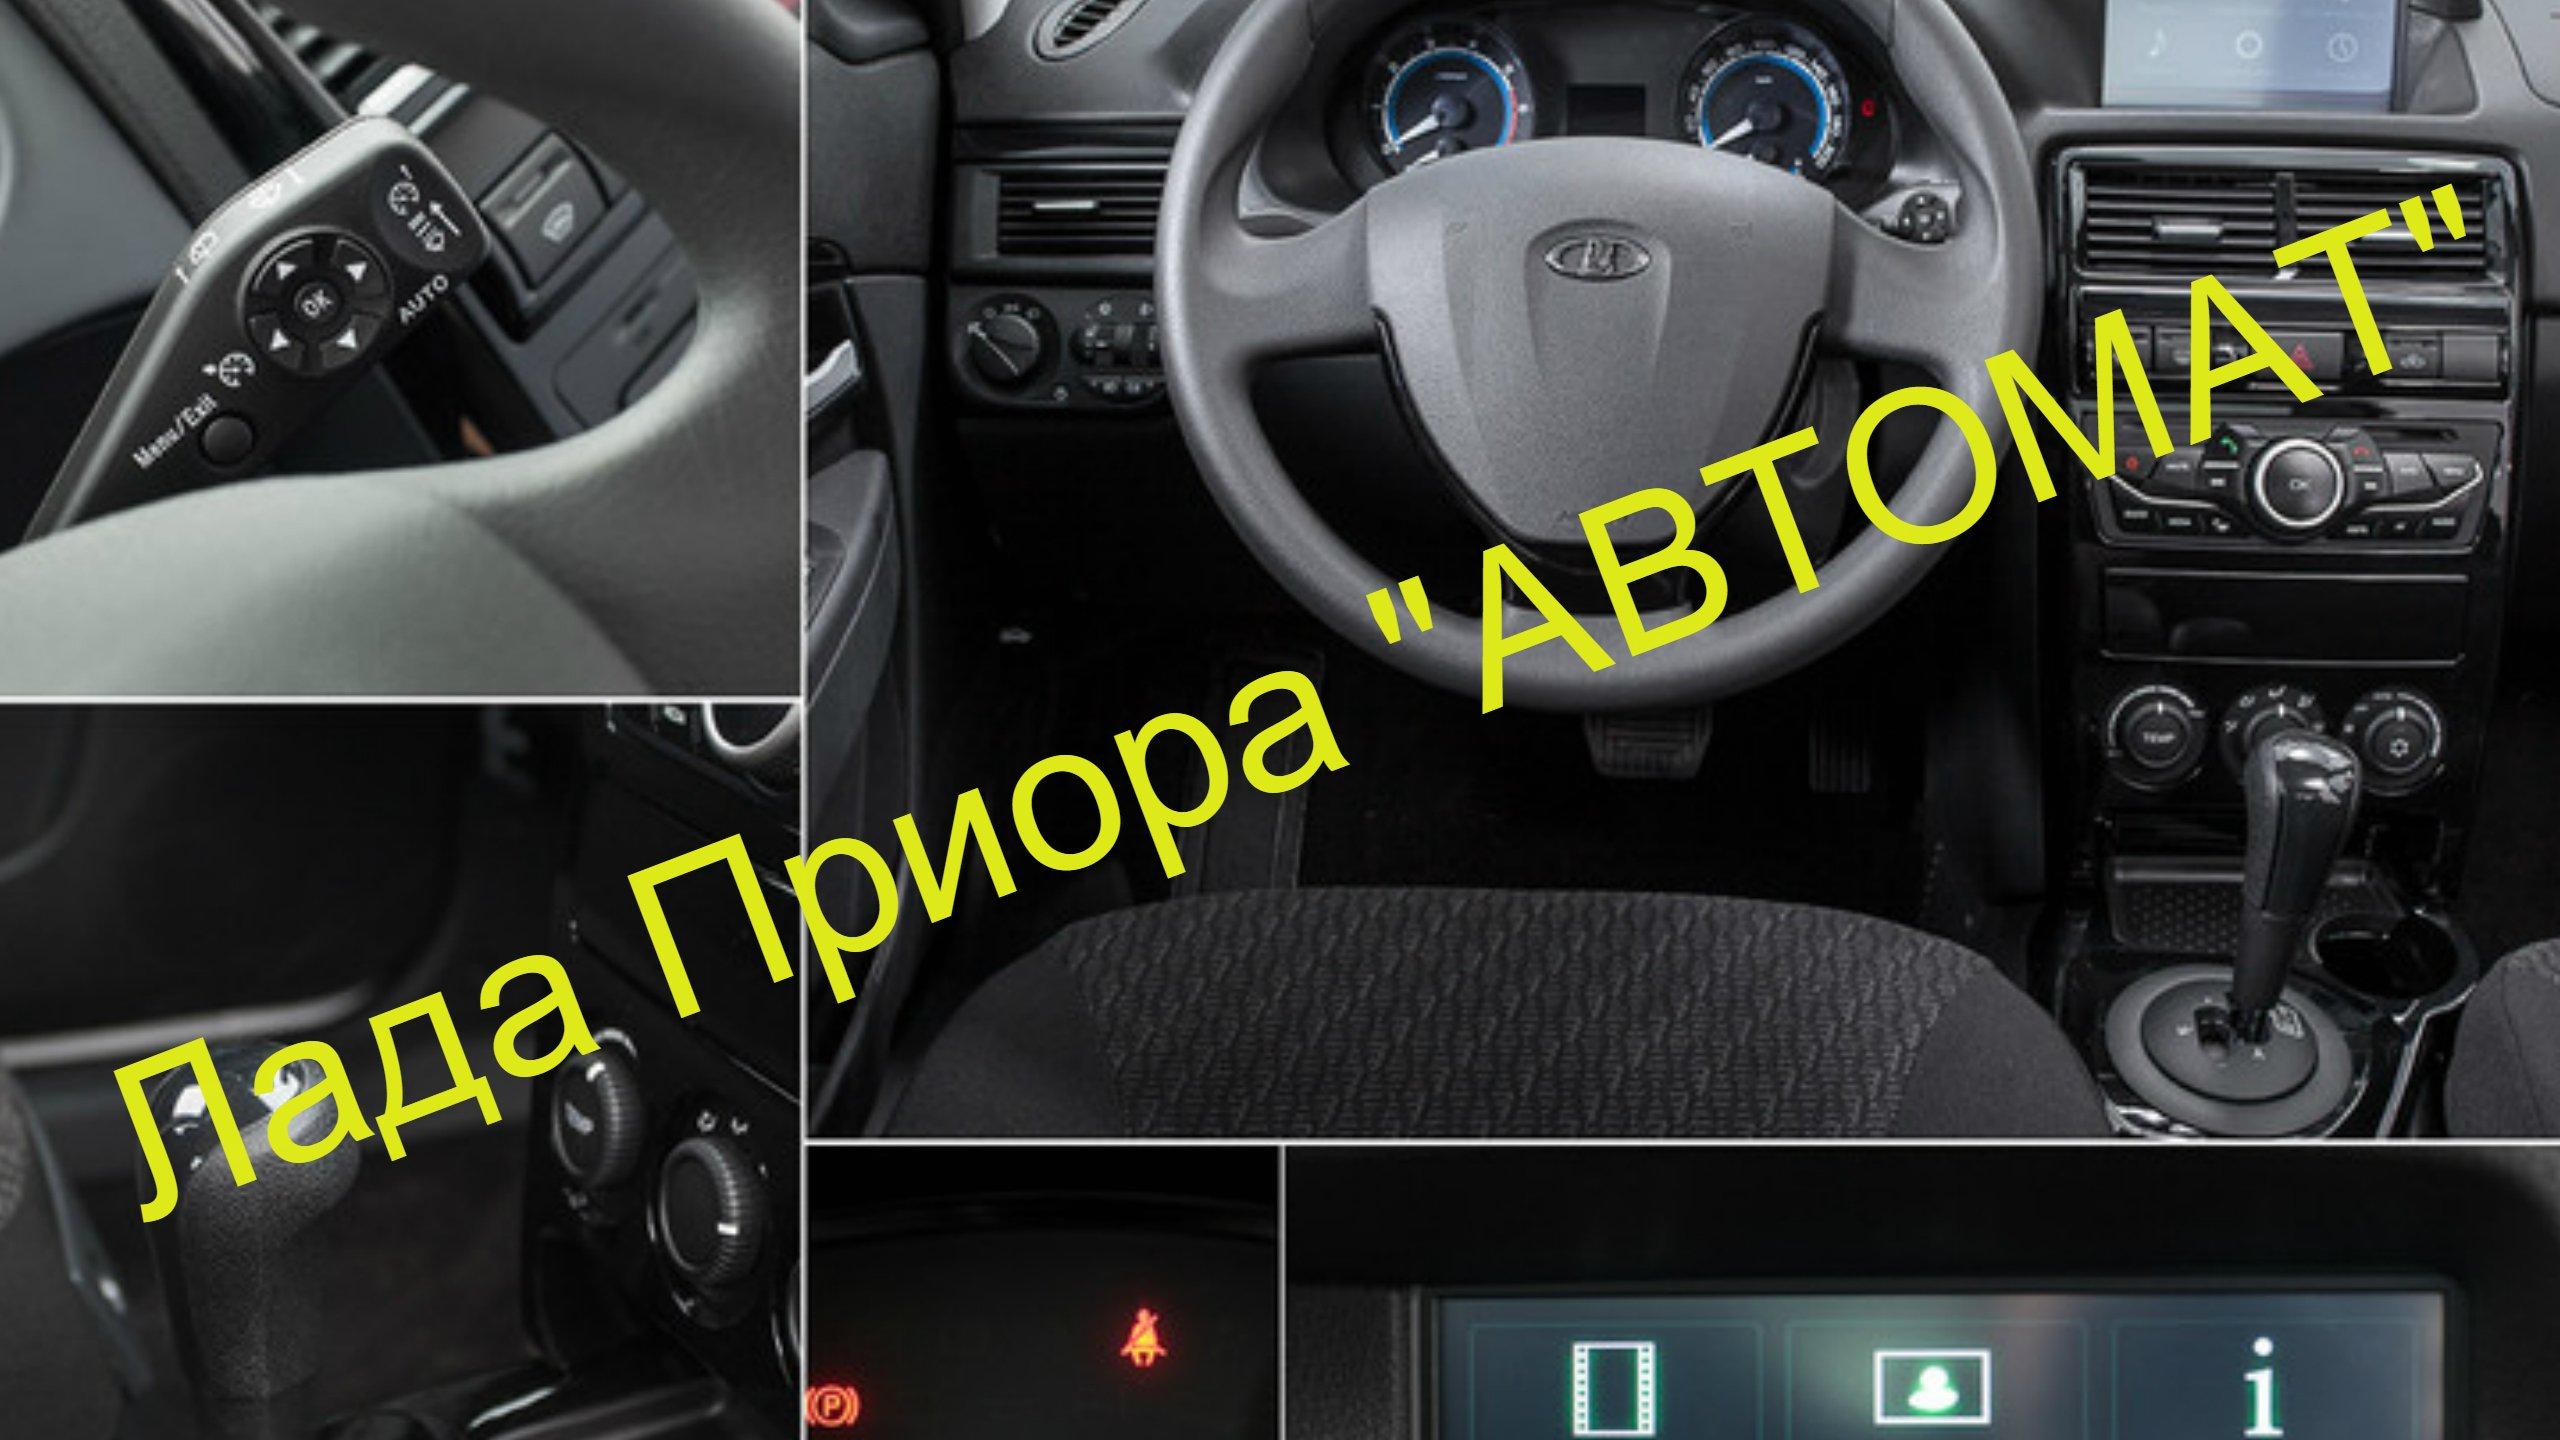 Lada Priora автомат - тест-драйв, обзор роботизированная коробка передач в City Car Driving. - Изображение 1